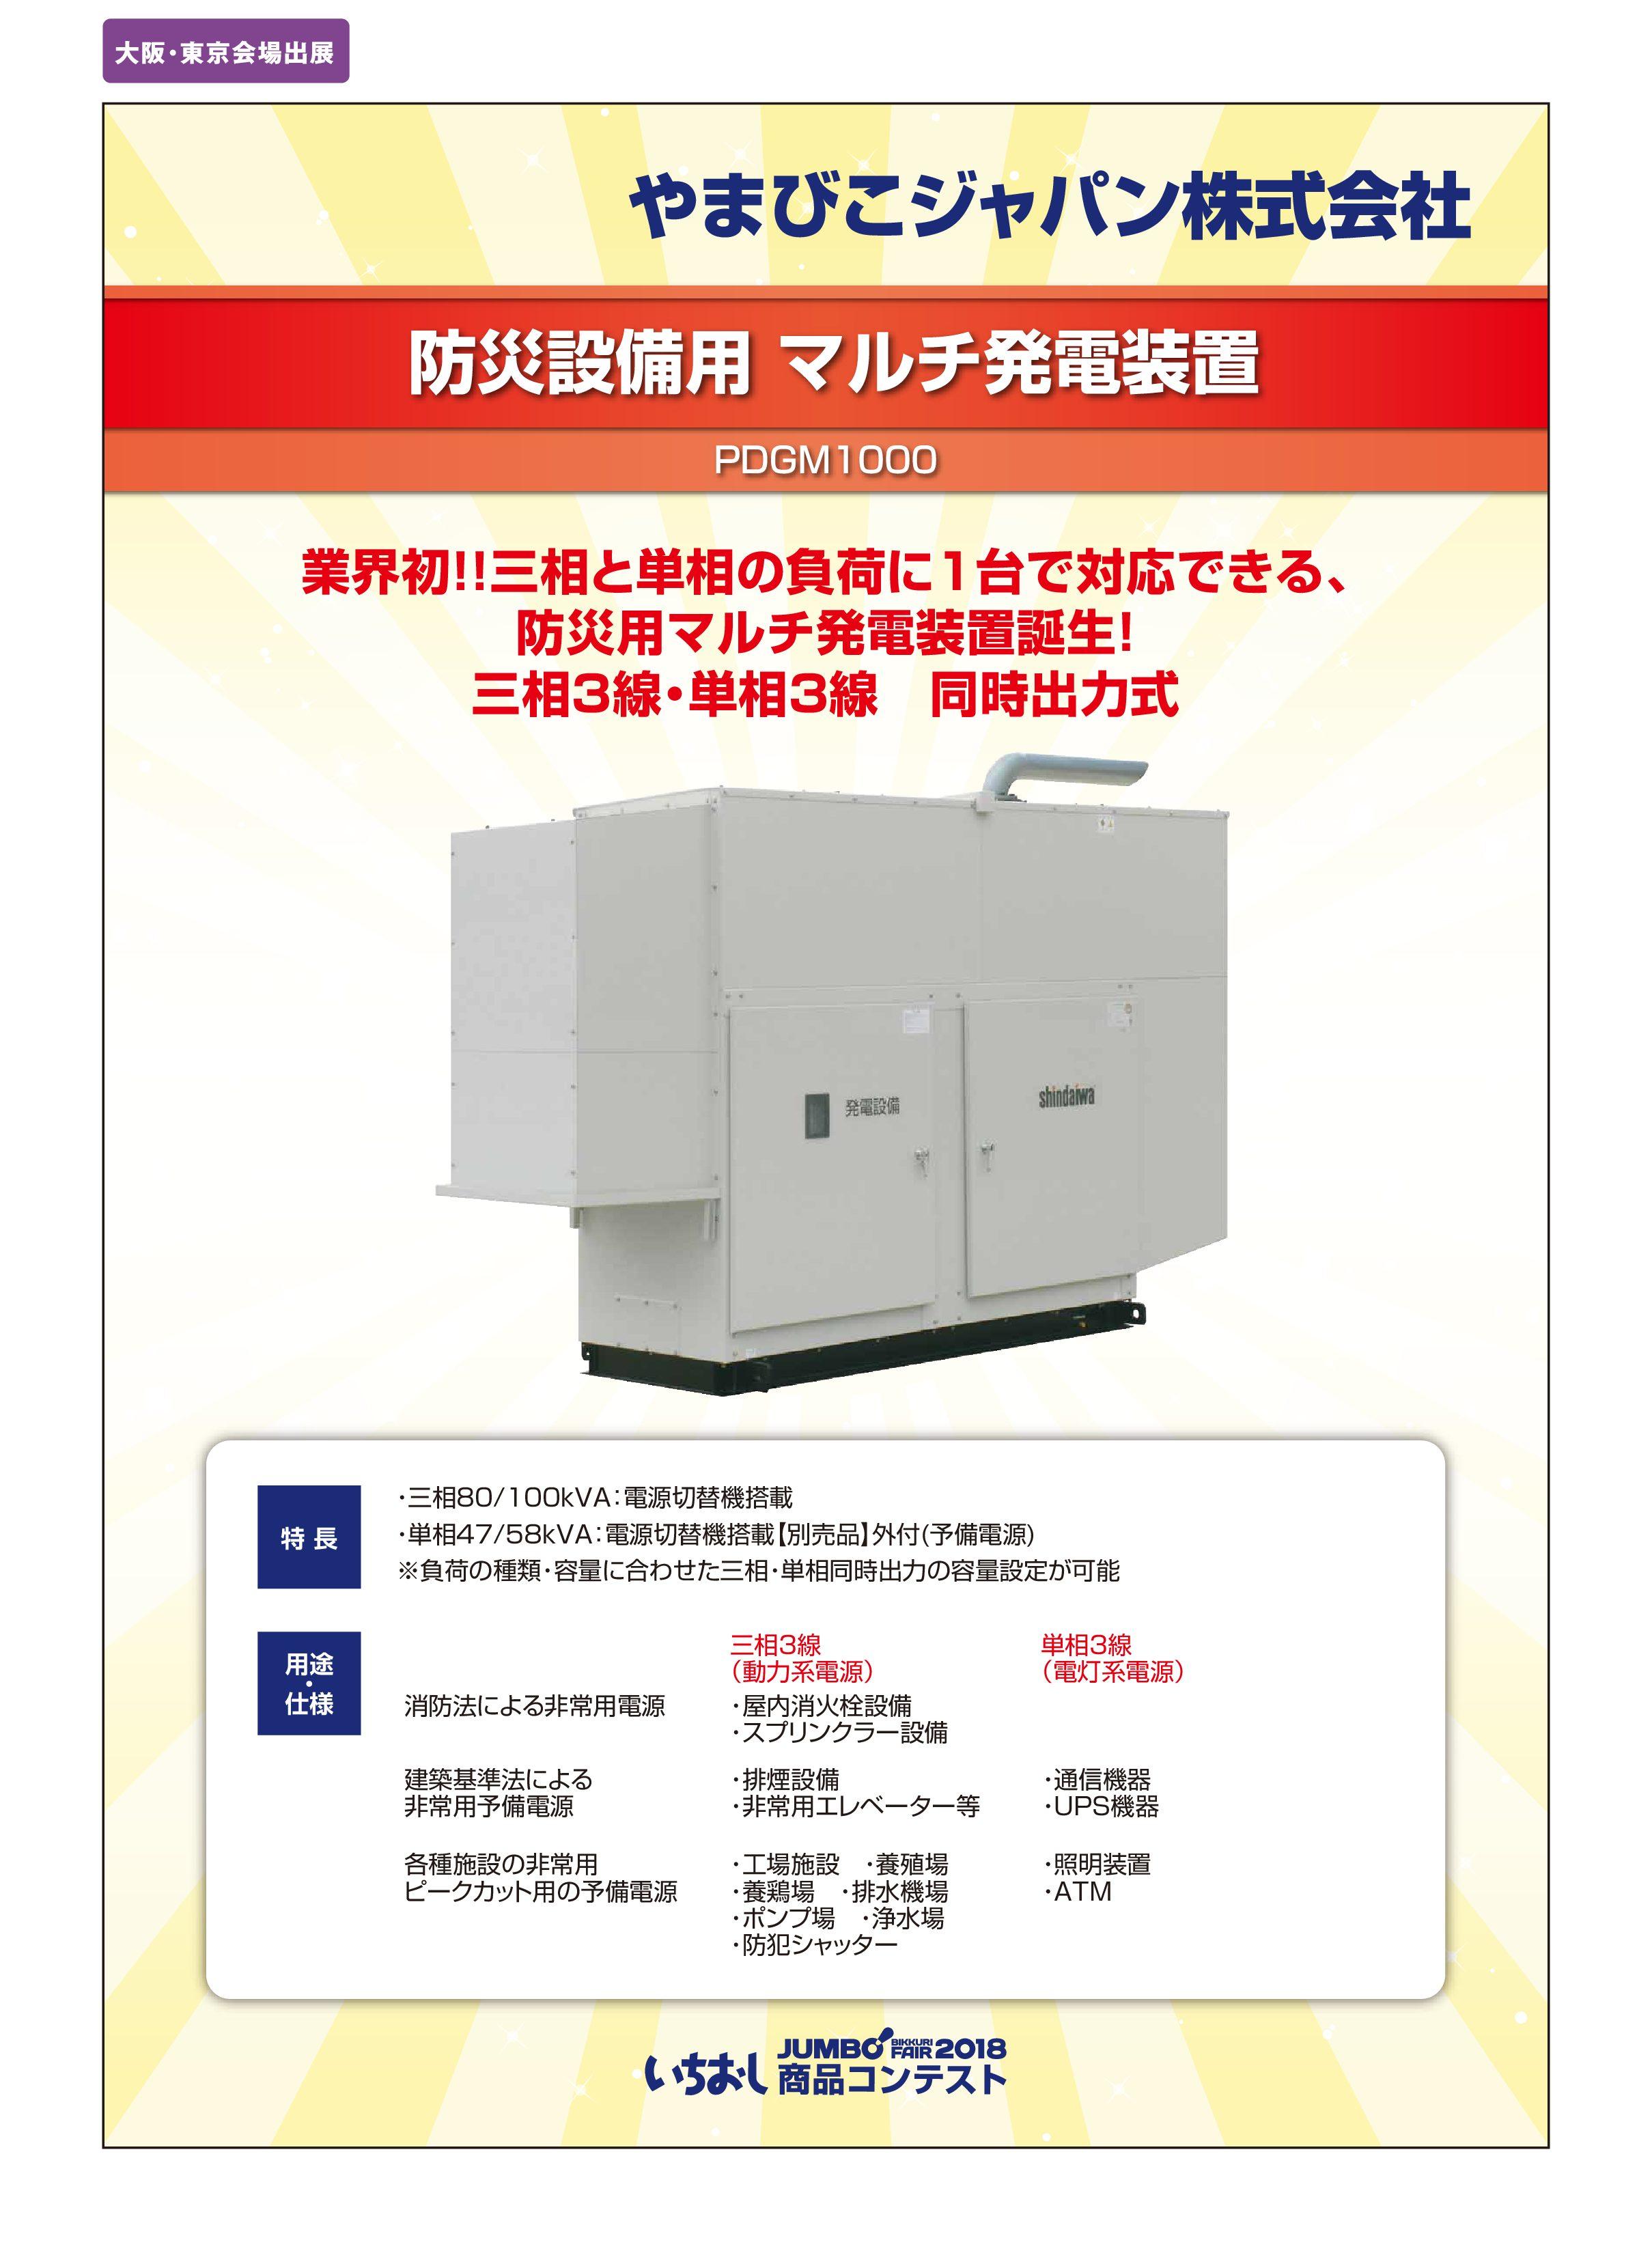 「防災設備用 マルチ発電装置」やまびこジャパン株式会社の画像